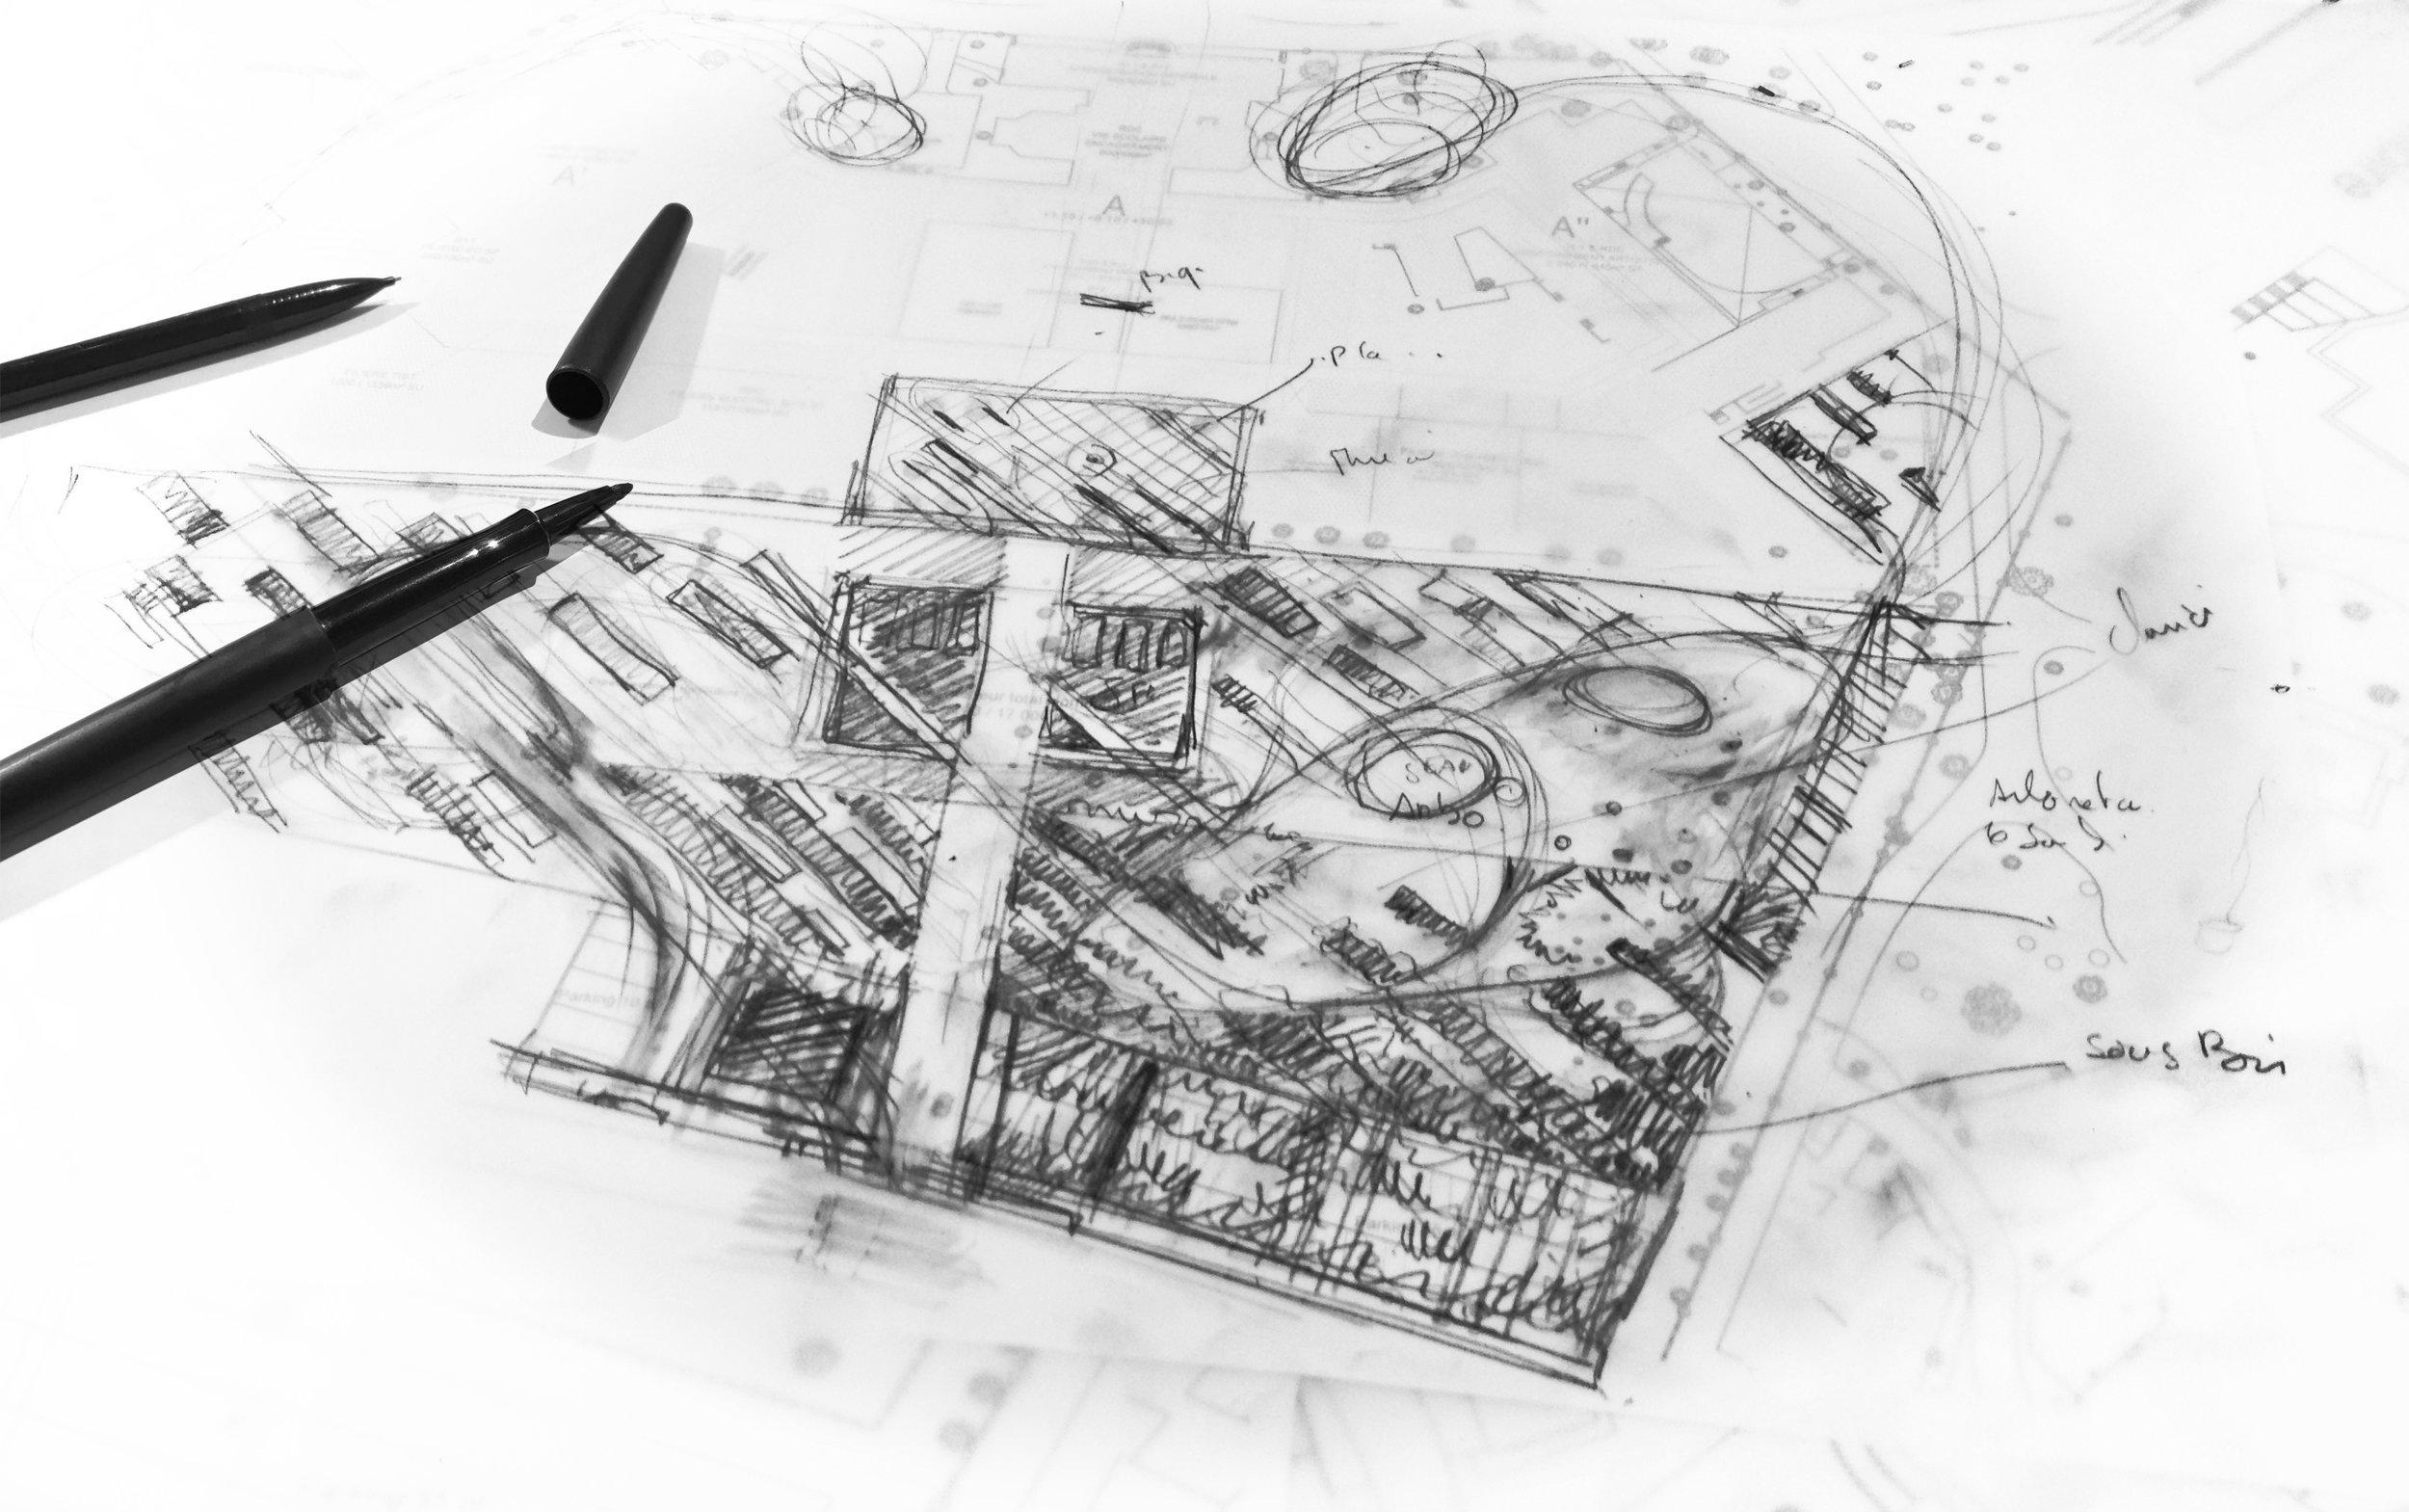 Une recherche permanente d'idées - Notre point de départ est la compréhension des besoins du client et la façon dont un espace sera utilisé. L'objectif est la création d'extérieurs à la fois fonctionnels et élégants.Au-delà d'une simple composition, nous travaillons sur les points de vue, les cadrages, les lignes, les axes, l'éclairage, le mobilier et les espaces avec la volonté de créer du sens entre l'intérieur et l'extérieur, entre le site et son territoire.Du concept initial de design que nous développons vient s'additionner un large éventail d'autres compétences, notamment la modélisation 3D.